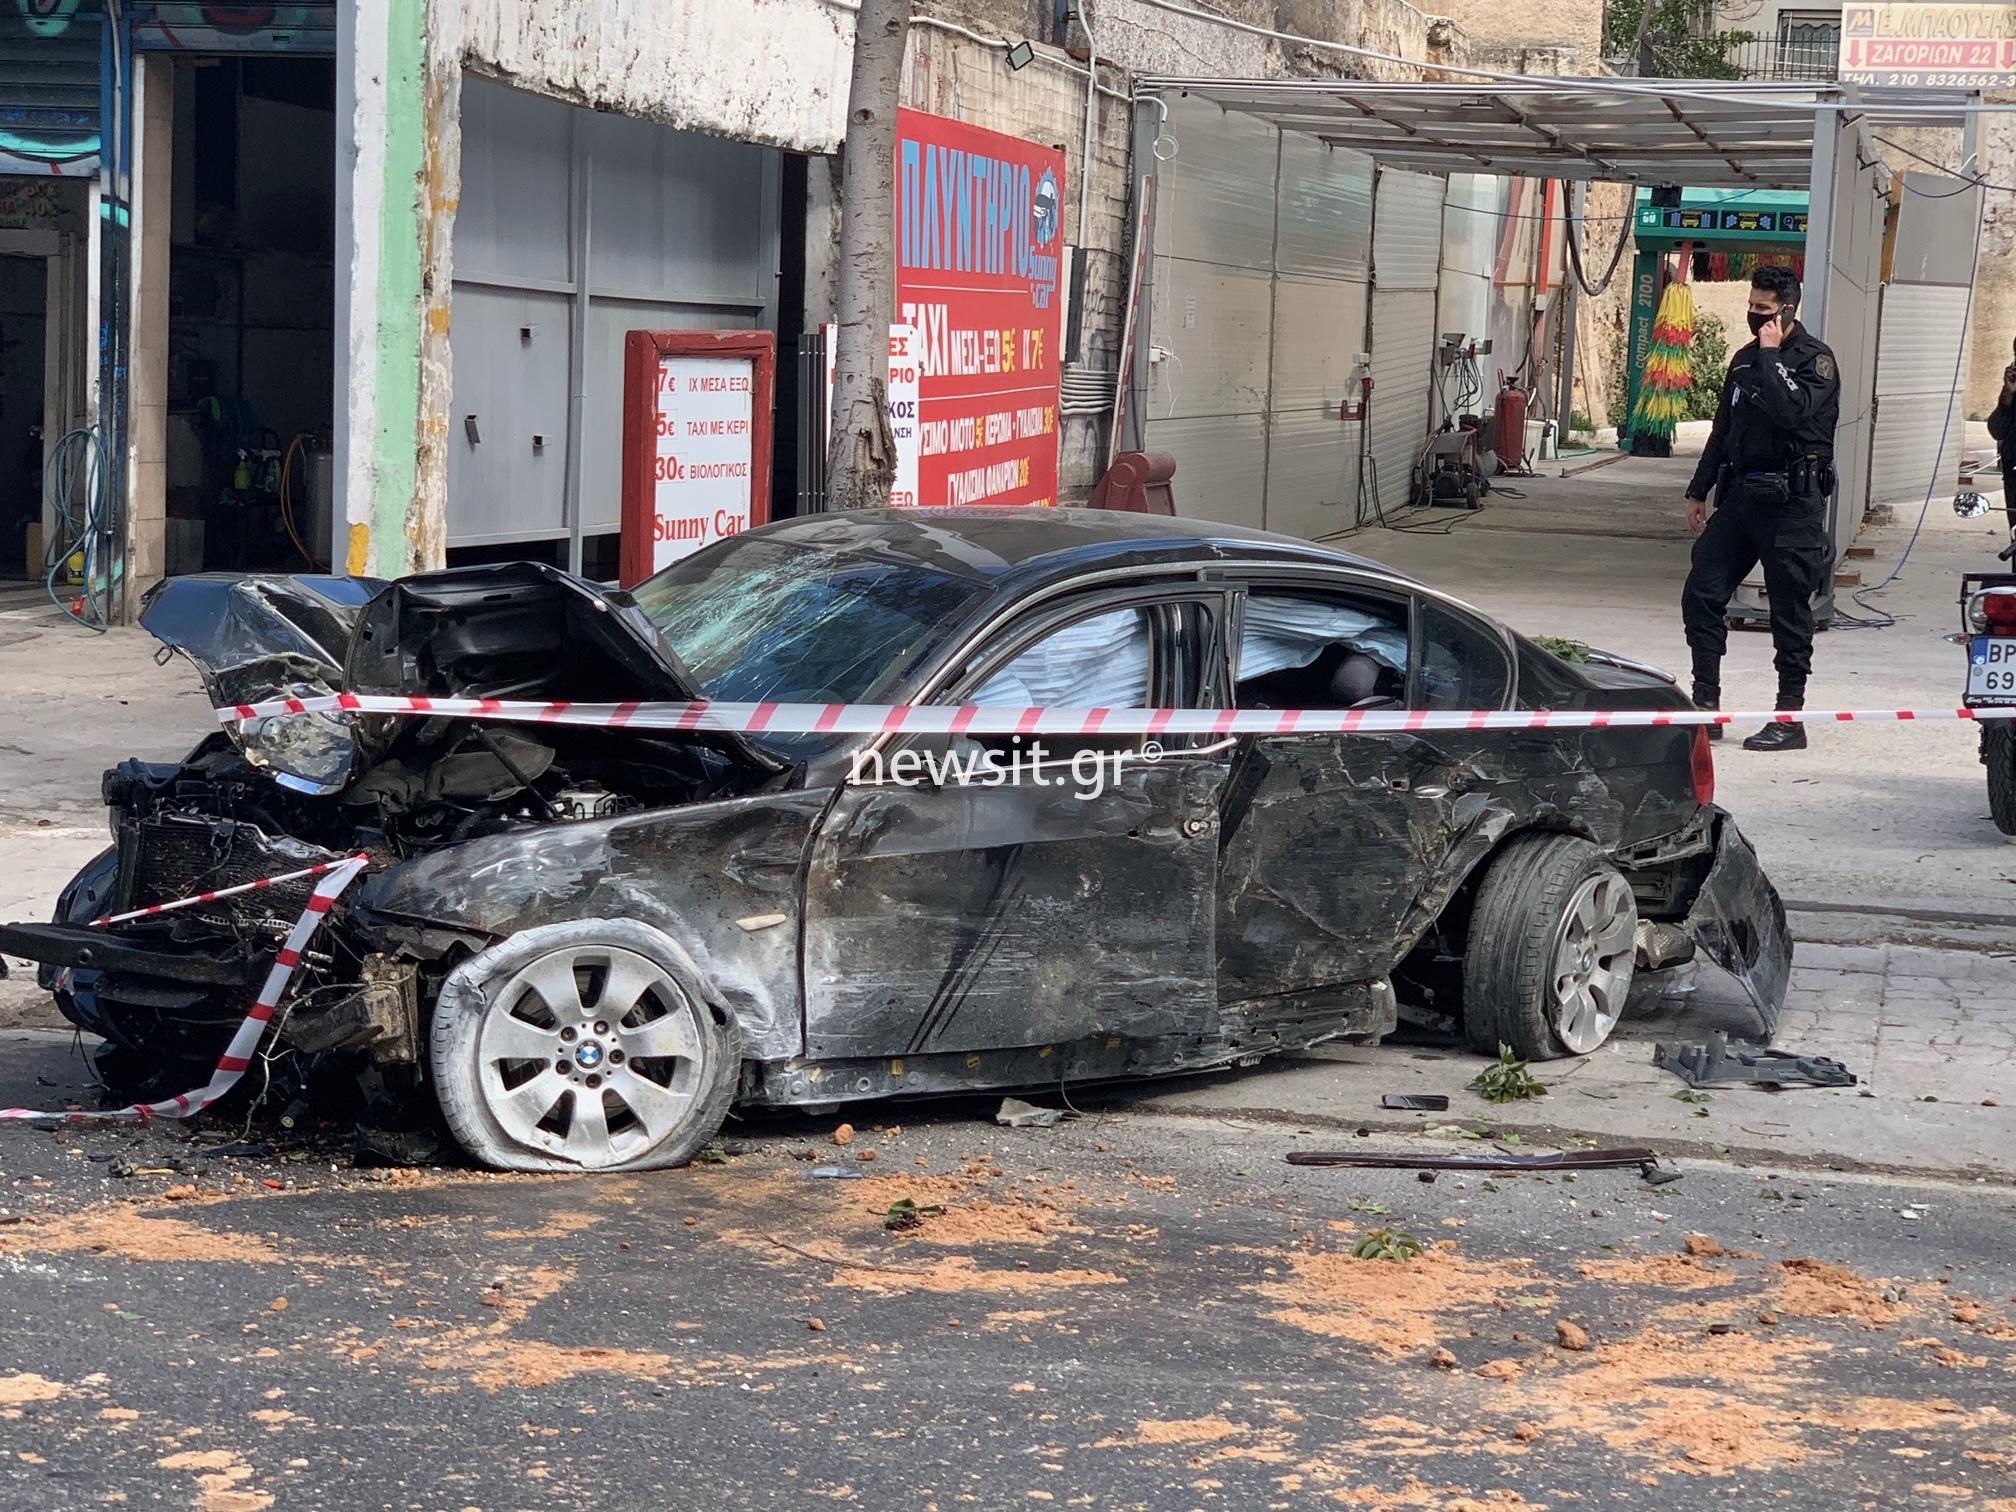 Λιοσίων: Όχημα ξέφυγε από την πορεία του μετά από καταδίωξη